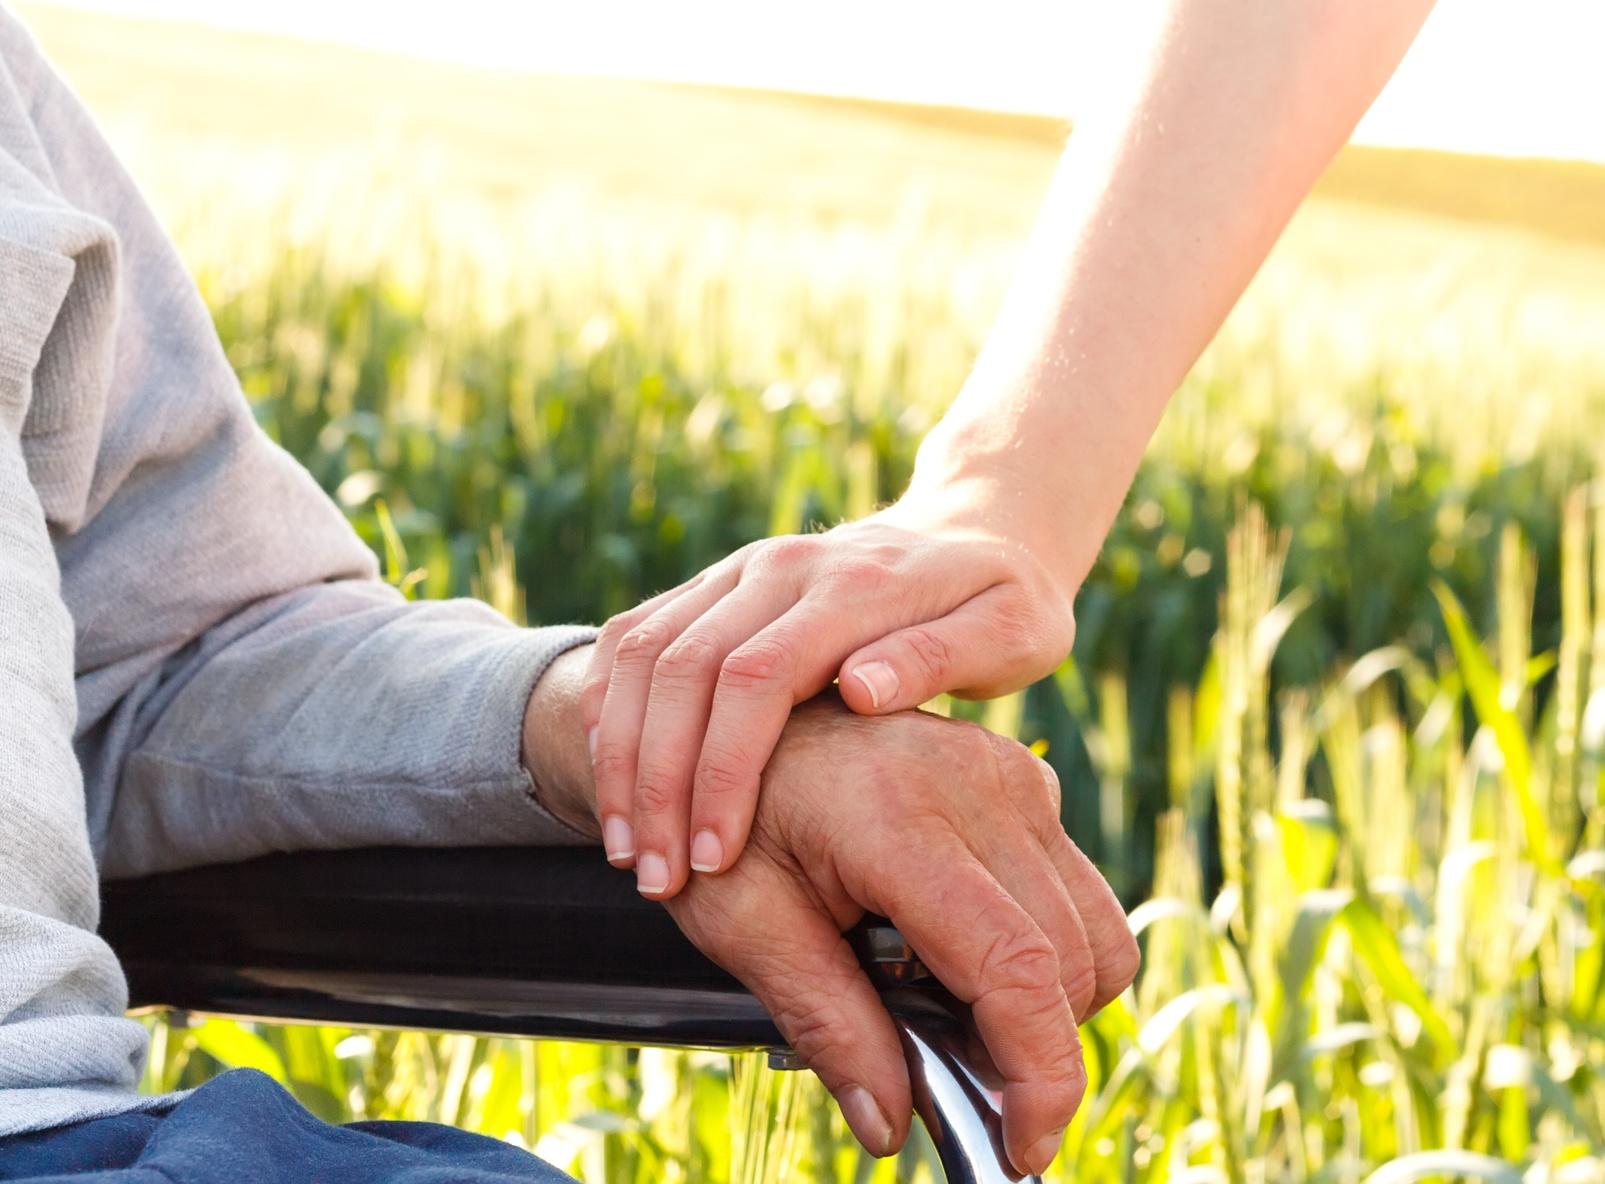 Aide aux personnes handicapées et fragilisées - Cléyade - Services